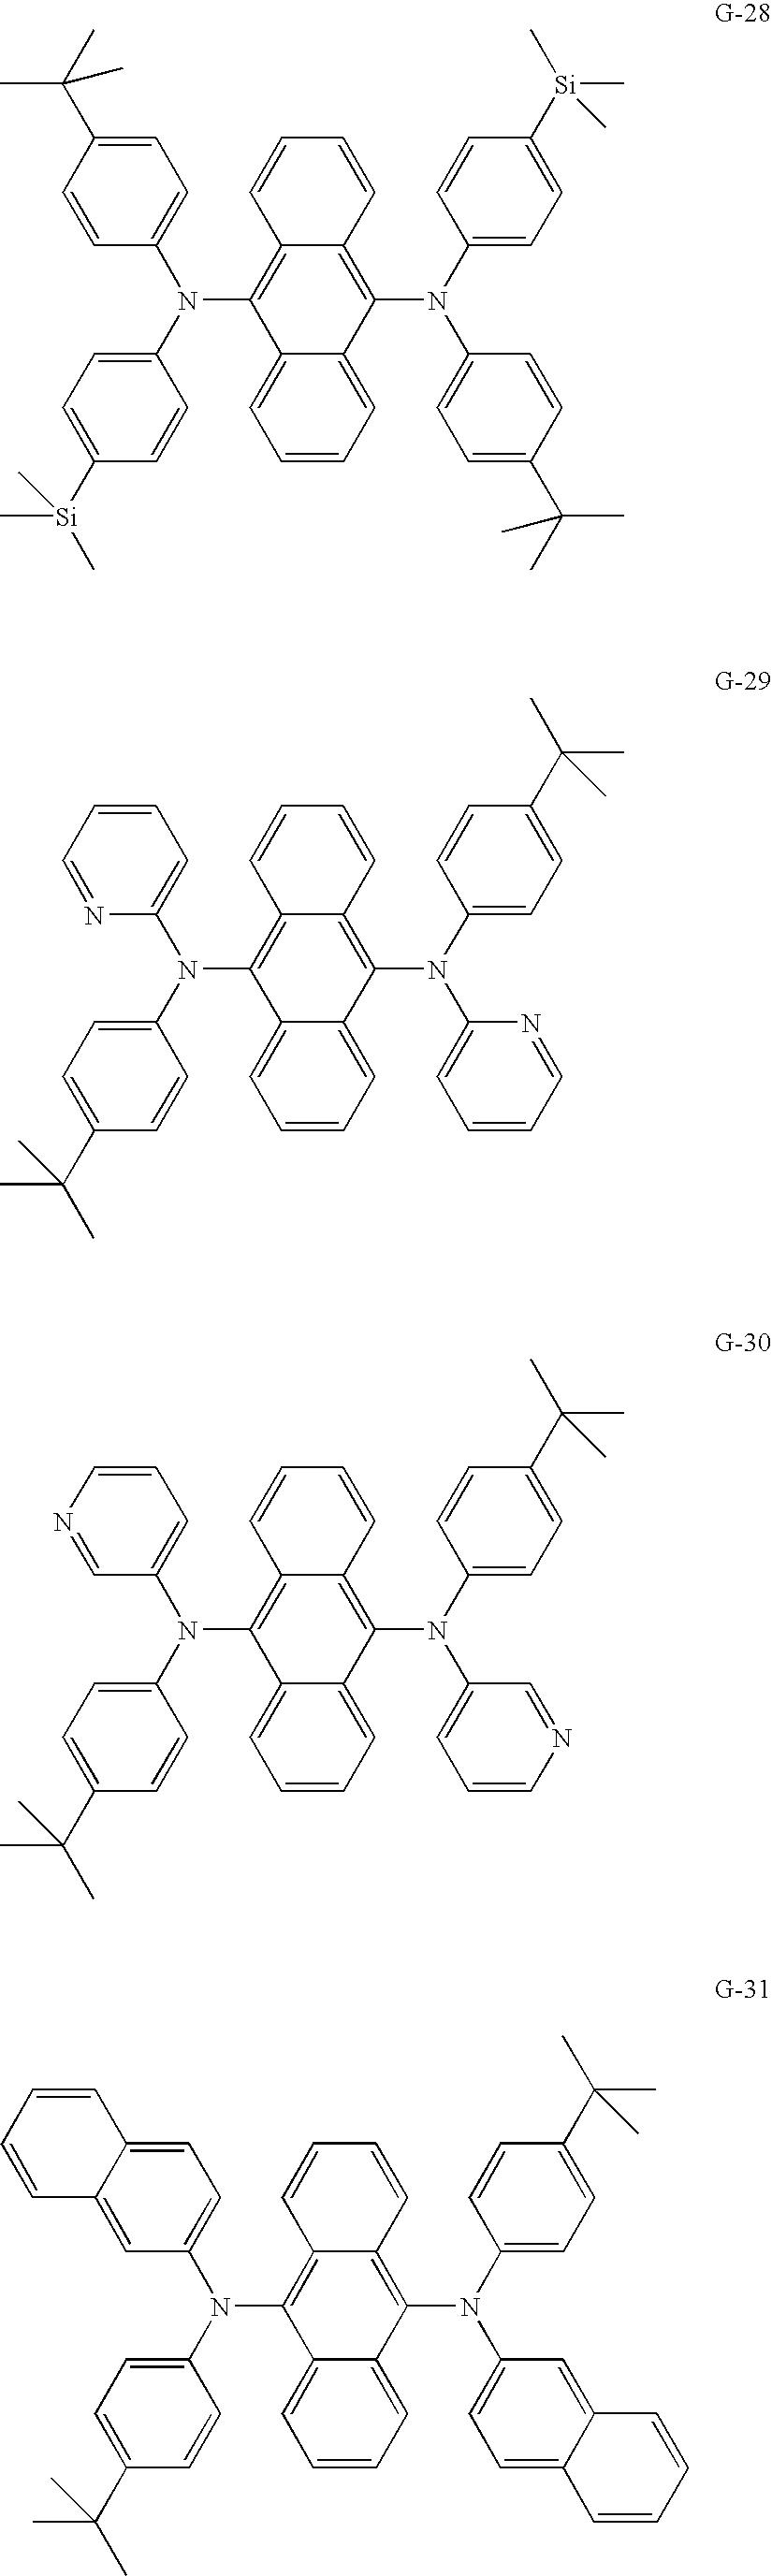 Figure US07651788-20100126-C00019